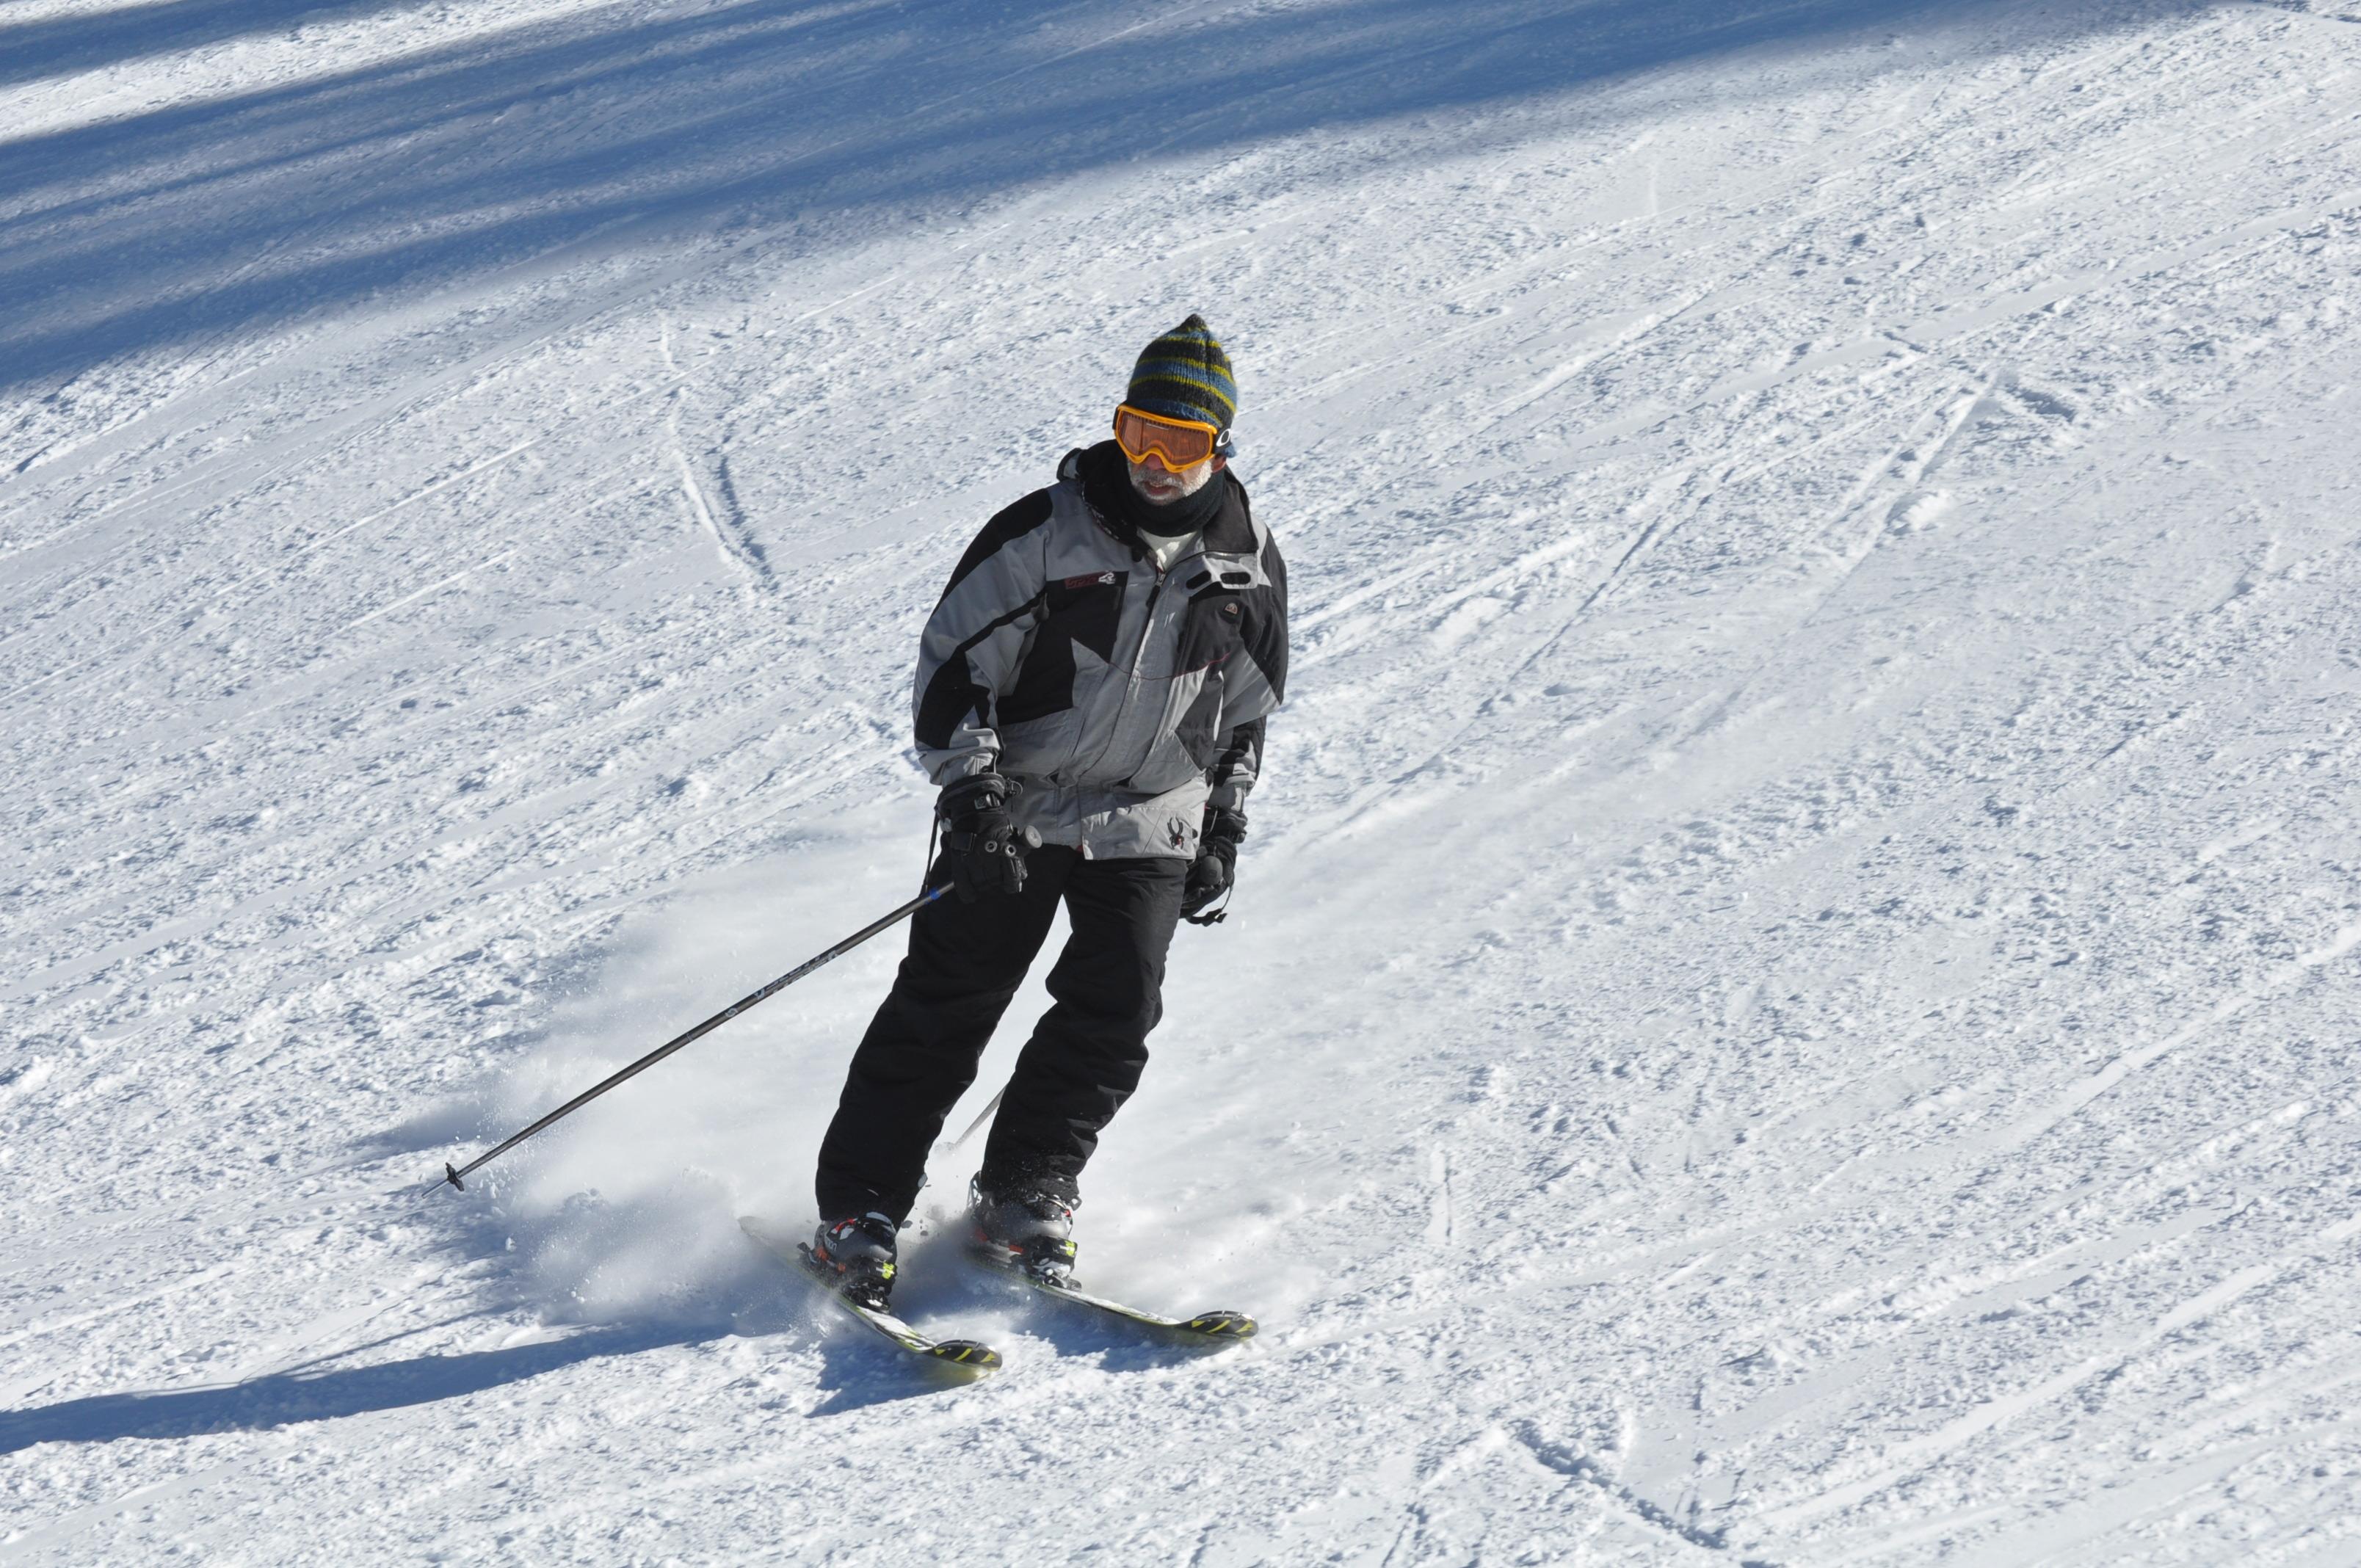 Xtend Enlargement Cream Me Skiing